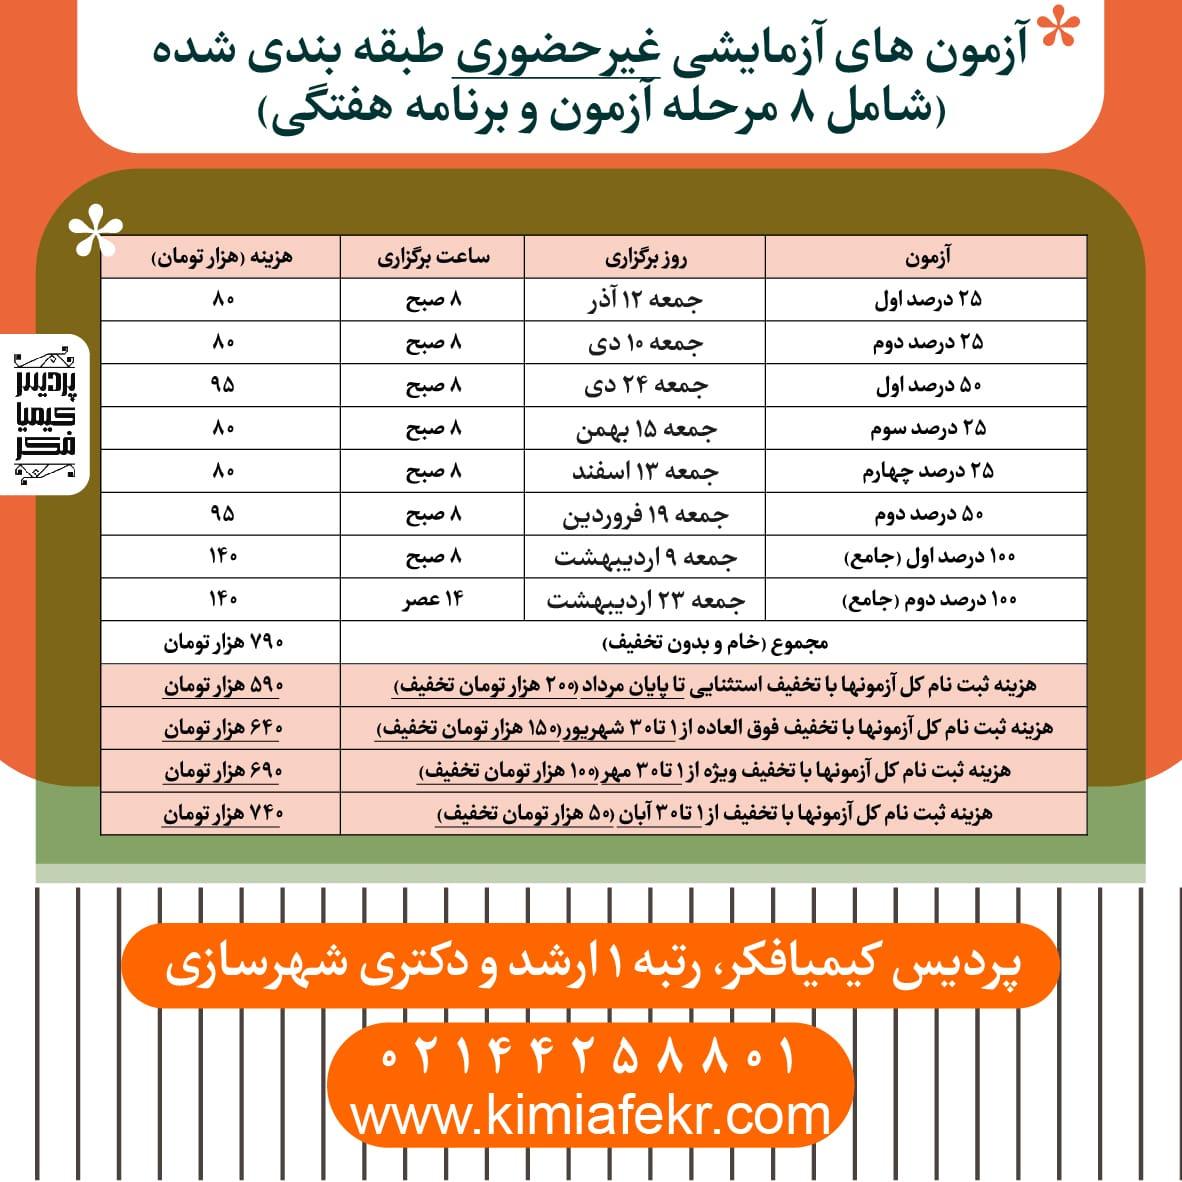 Azmoon-arshad-min